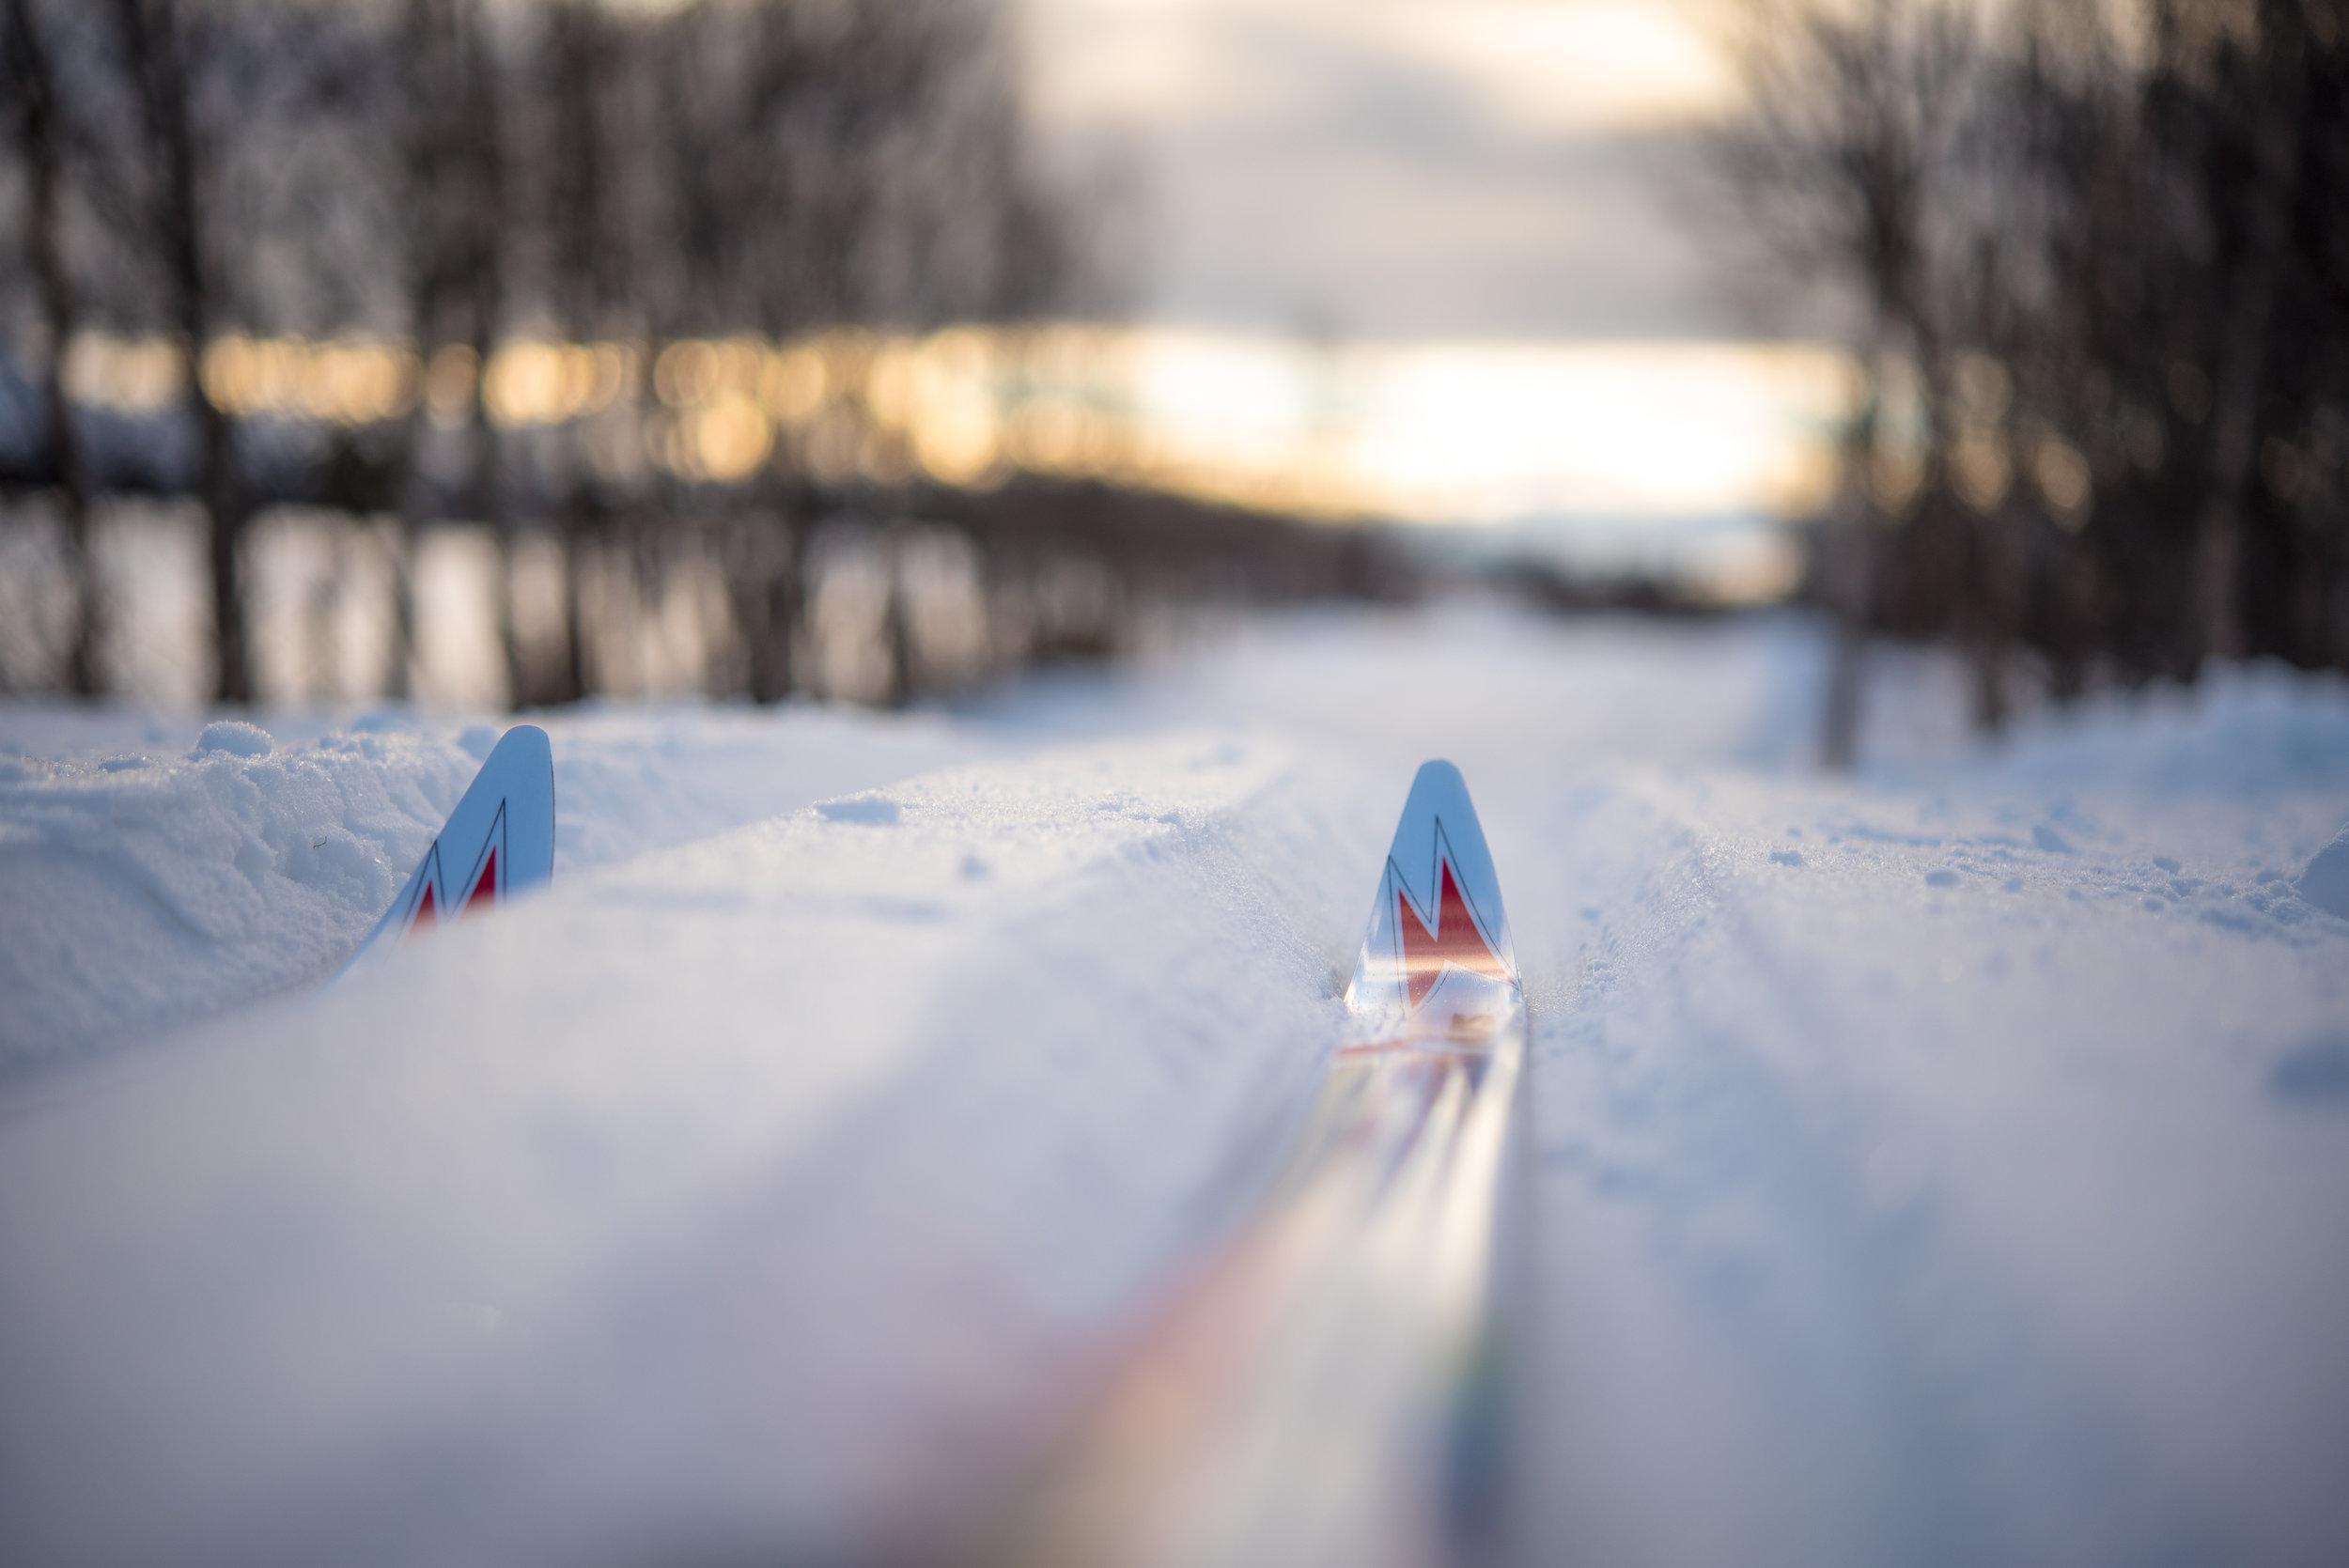 Skiløyper like ved - Langrennsløypene om vinteren går fra Dombås til Hjerkinn når forholdene ligger til rettet. Kjernen av løypenettet går fra stadion på Dombås og innover fjellet, til Furuhaugli. Vi har mange dagsgjester som nyter en vaffel og en kaffe under skituren om vinteren. Vi har også hatt gjester som har vært på treningssamlinger på den godt utbygde Dombås skiarena.Høysesongen er om sommeren og høsten, men det er en økning i gjester om vinteren.